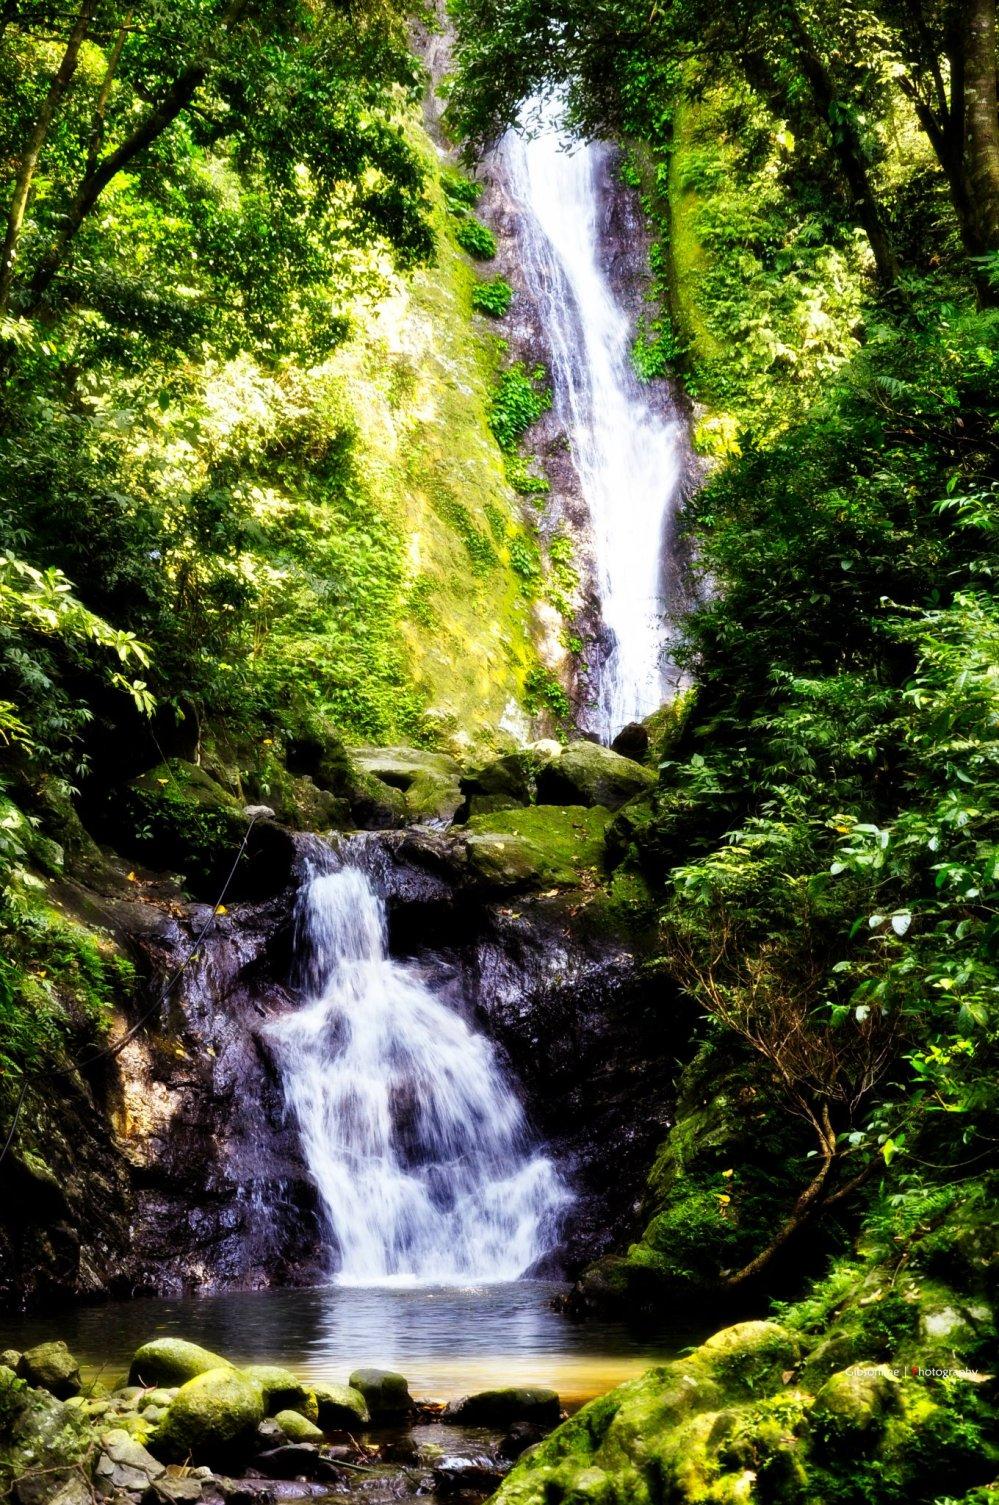 kabigan-falls-pagudpud-ilocos-norte